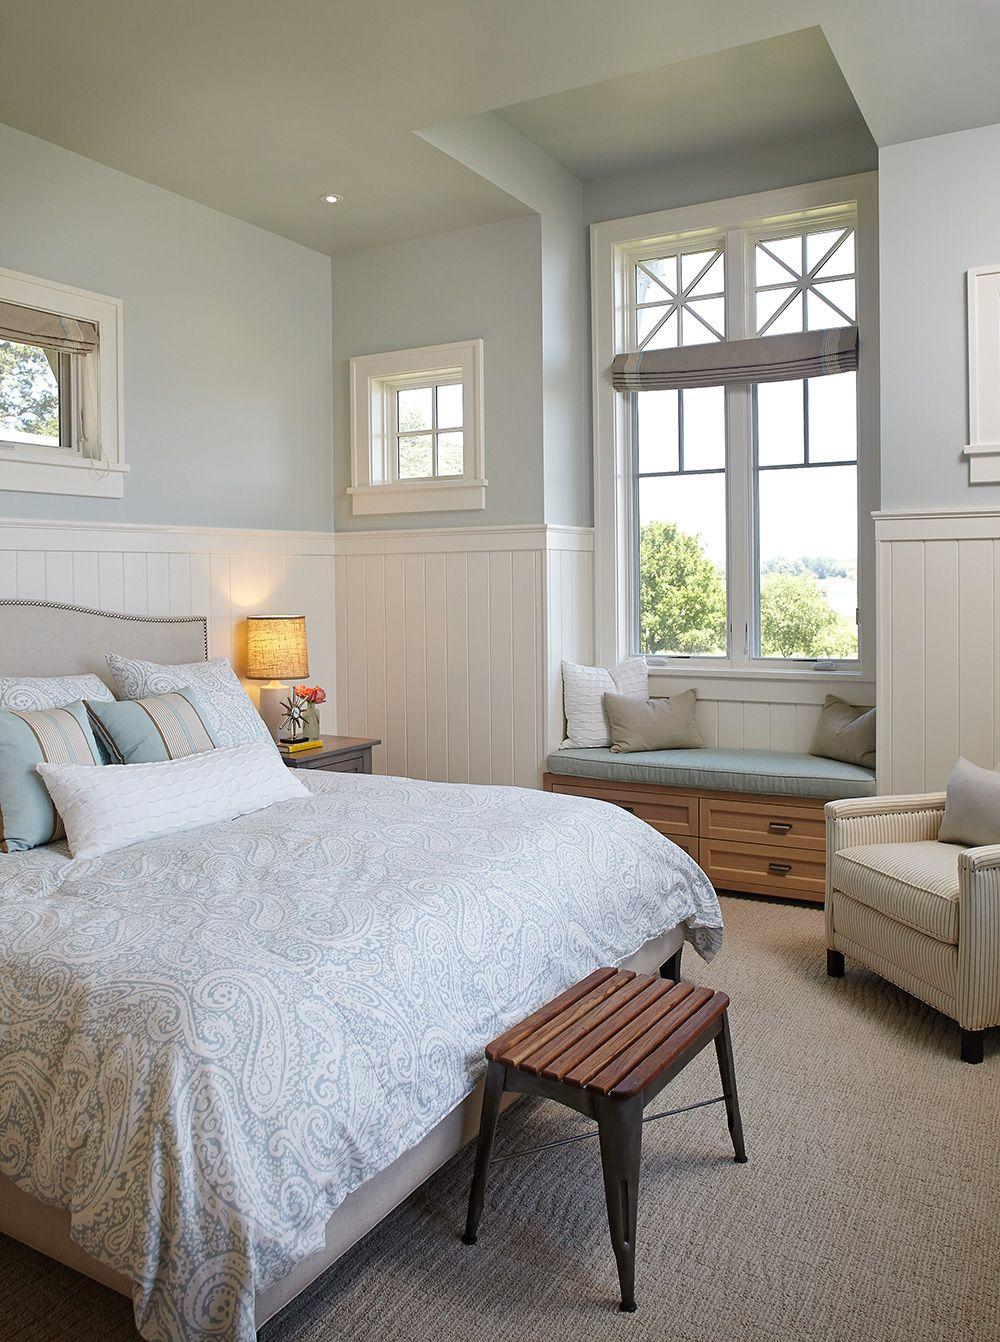 White Lake Bedroom design, Relaxing bedroom decor, Home